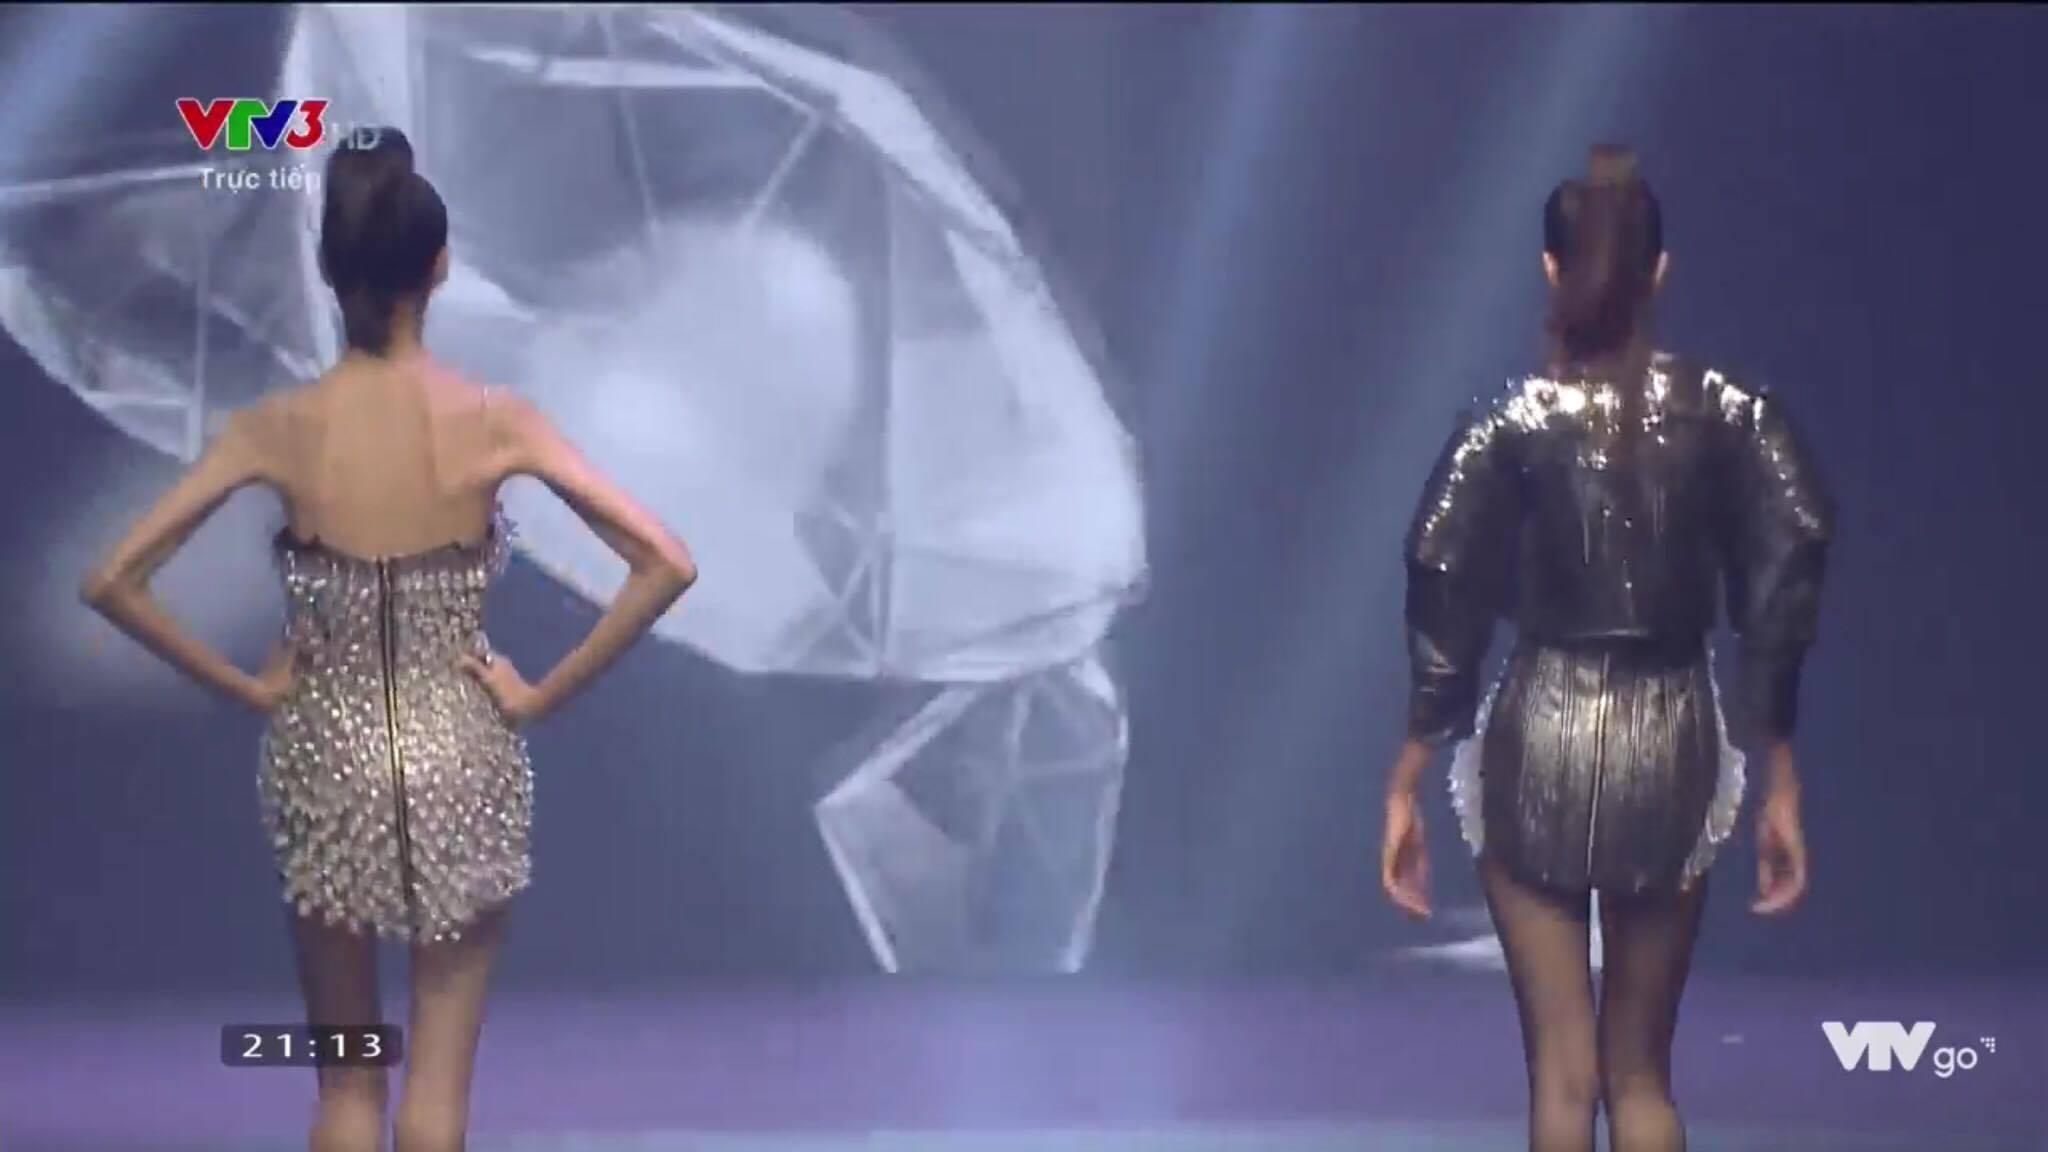 Cao Ngân như bộ xương di động đi catwalk trong đêm chung kết Next Top mùa All Stars-9